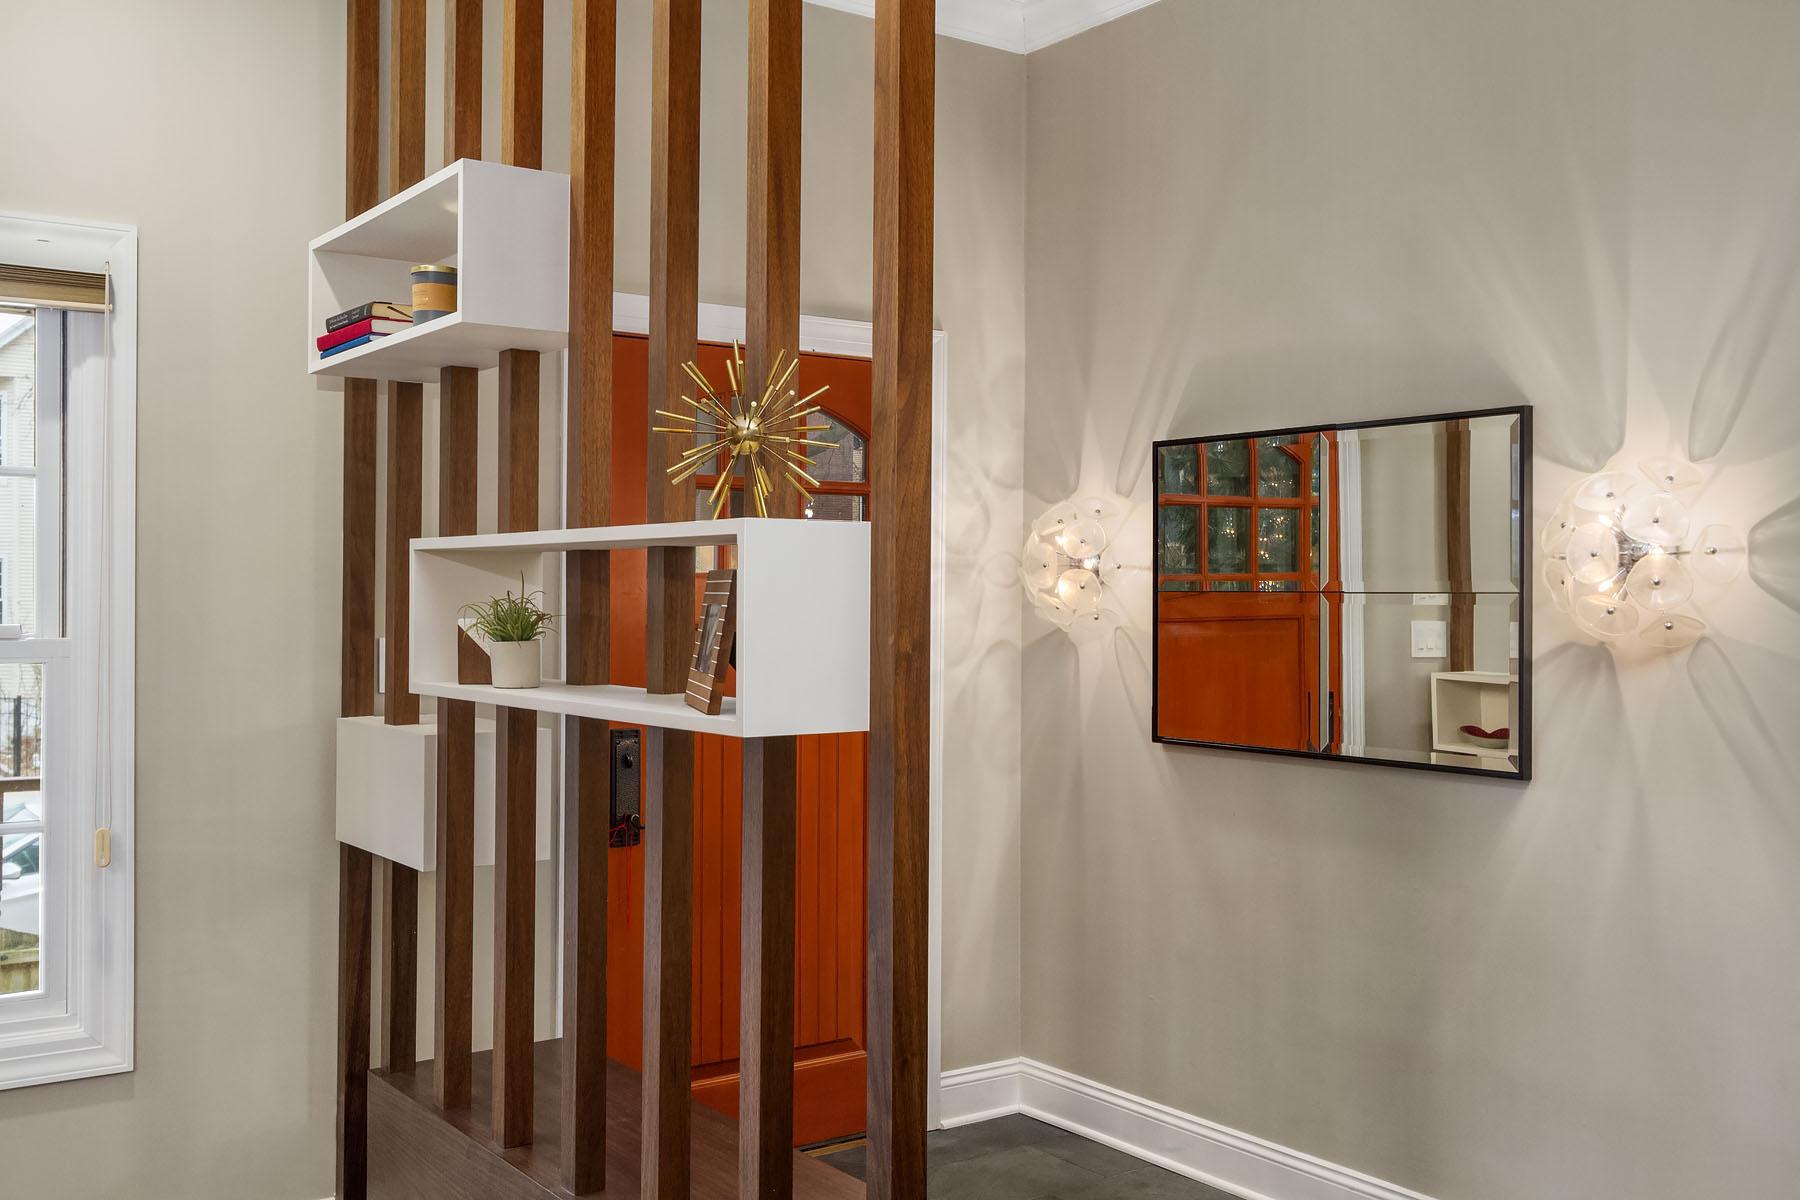 Interior Design Portfolio Kapan Shipman